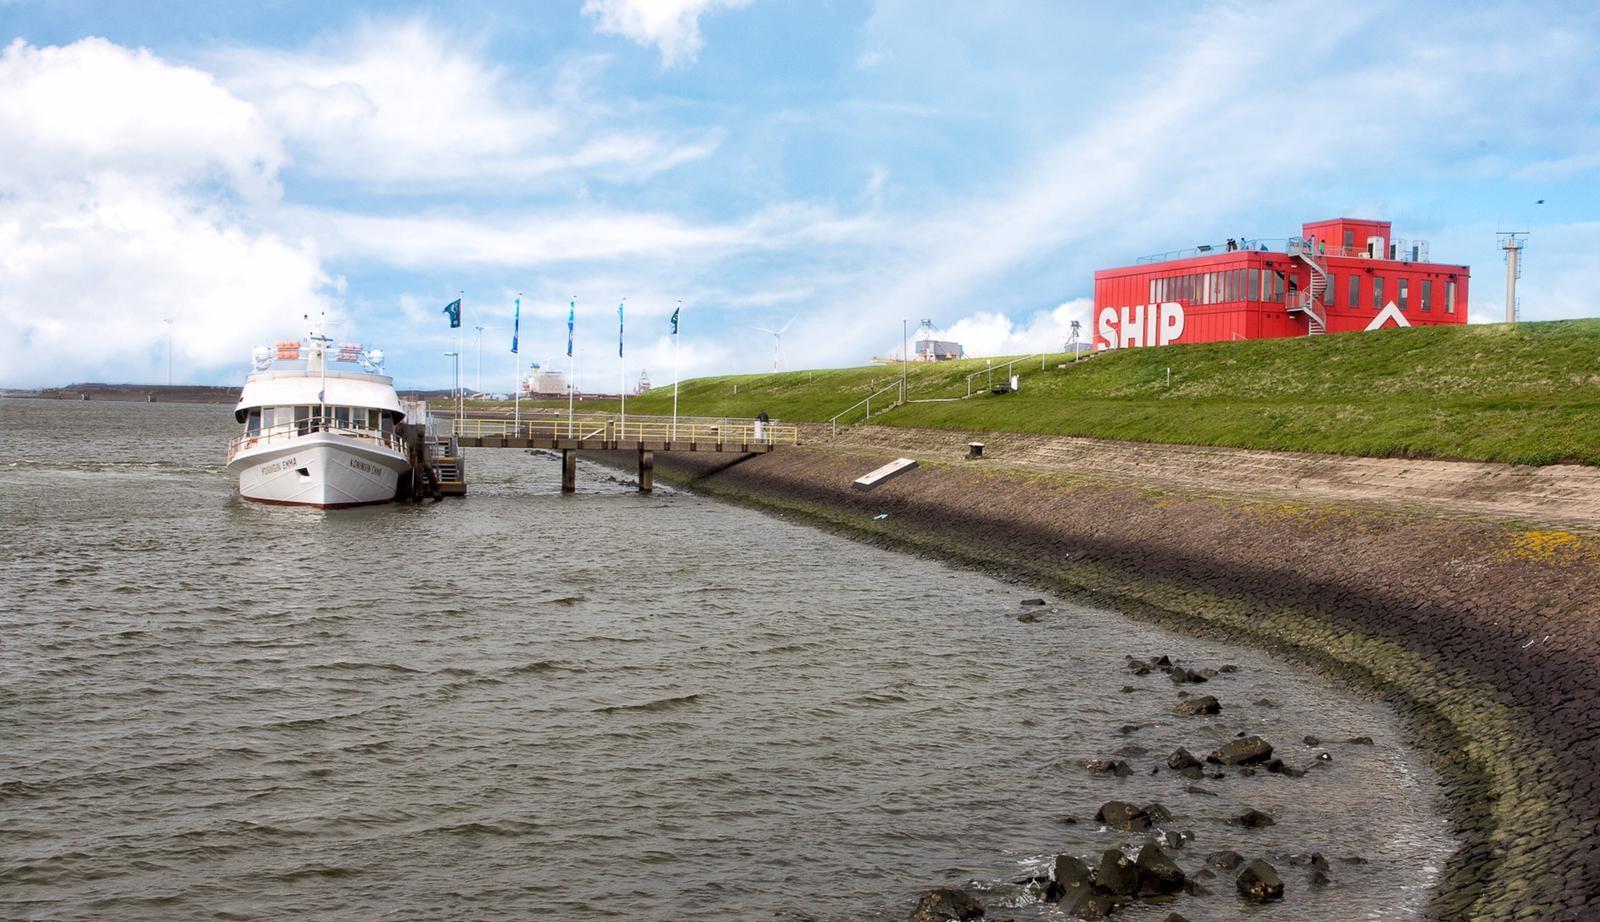 Rondvaartboot naar SHIP op sluizencomplex